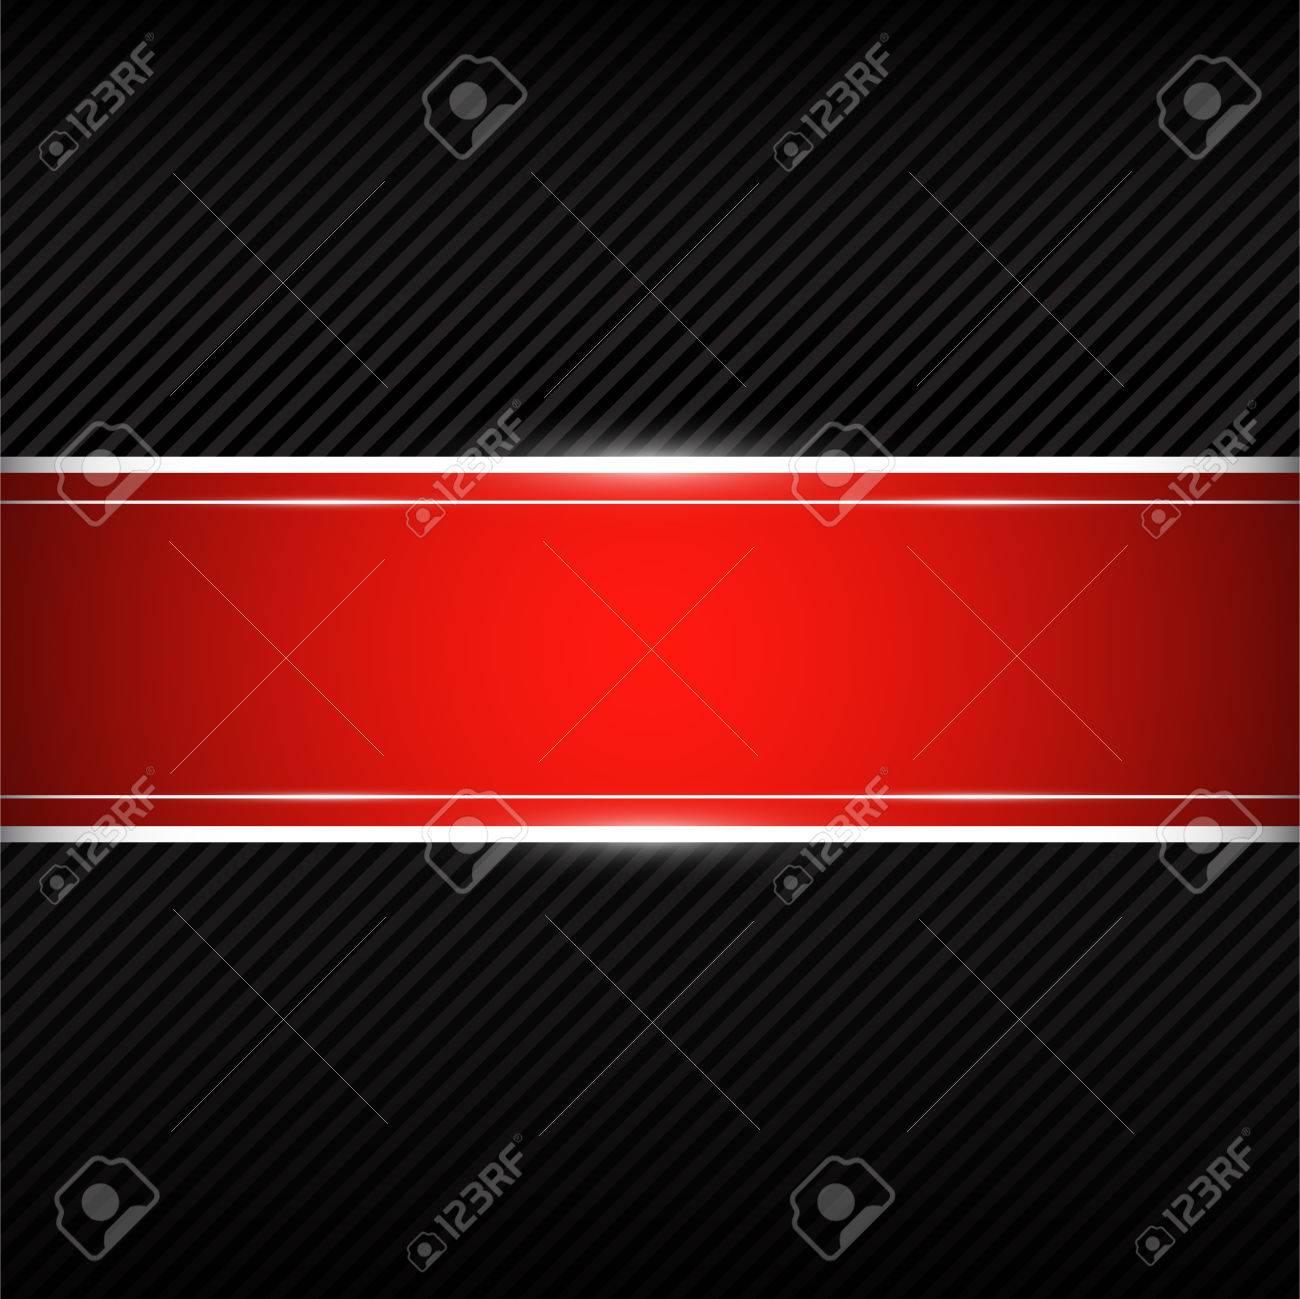 Très bien Extreme Fond Noir Avec Bannière Rouge Clip Art Libres De Droits , Vecteurs  AM39